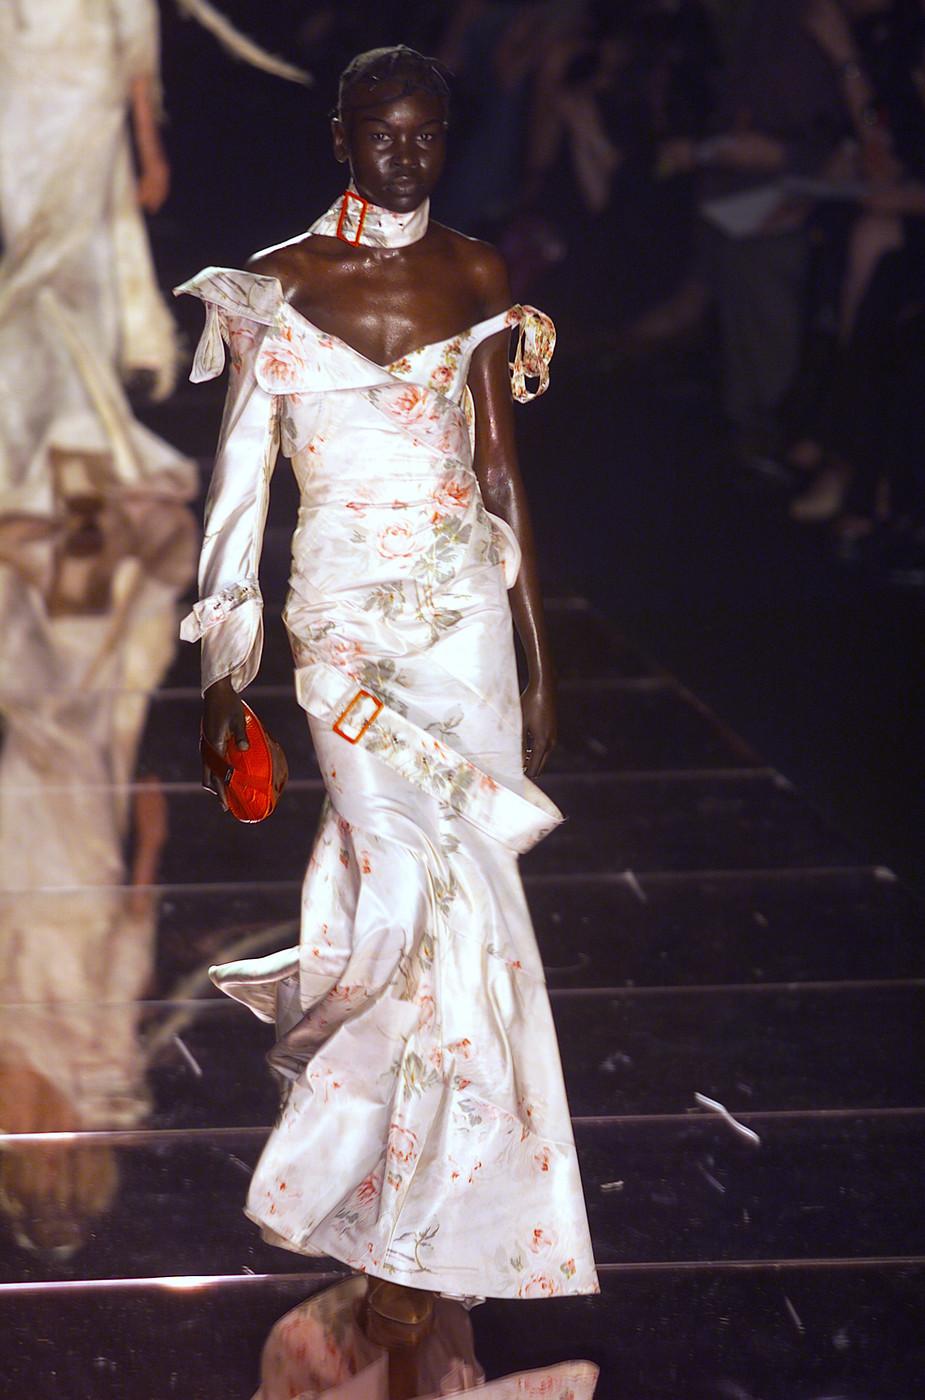 File:John Galliano Fall - 2001 Collection 001.jpg